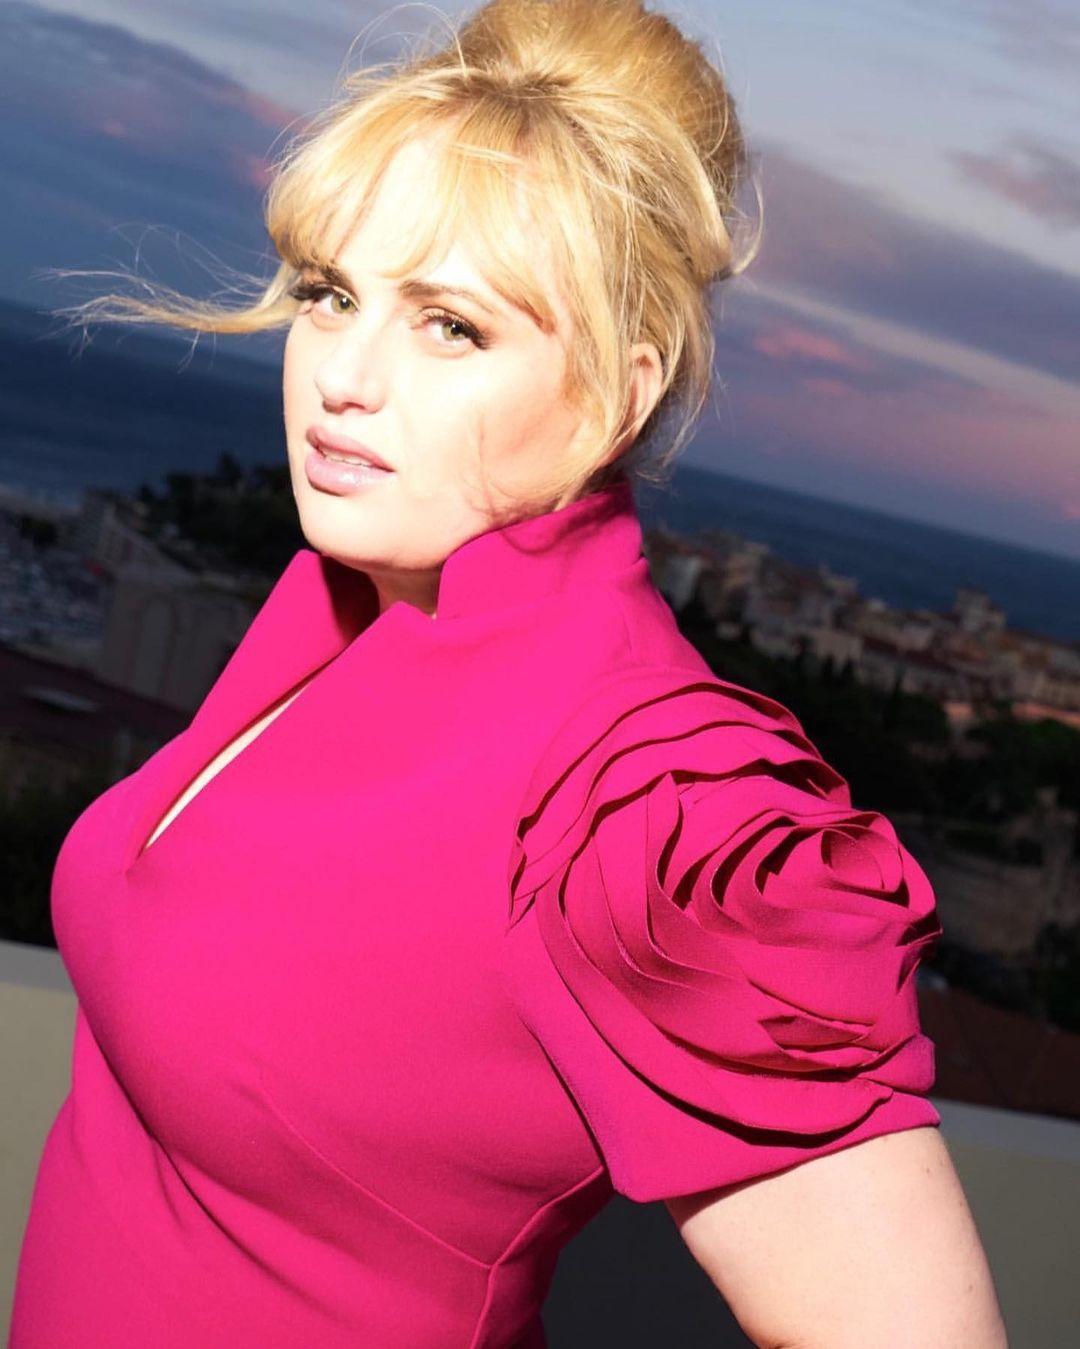 Похудевшая Ребел Уилсон показала, чего ей стоили сексуальные снимки